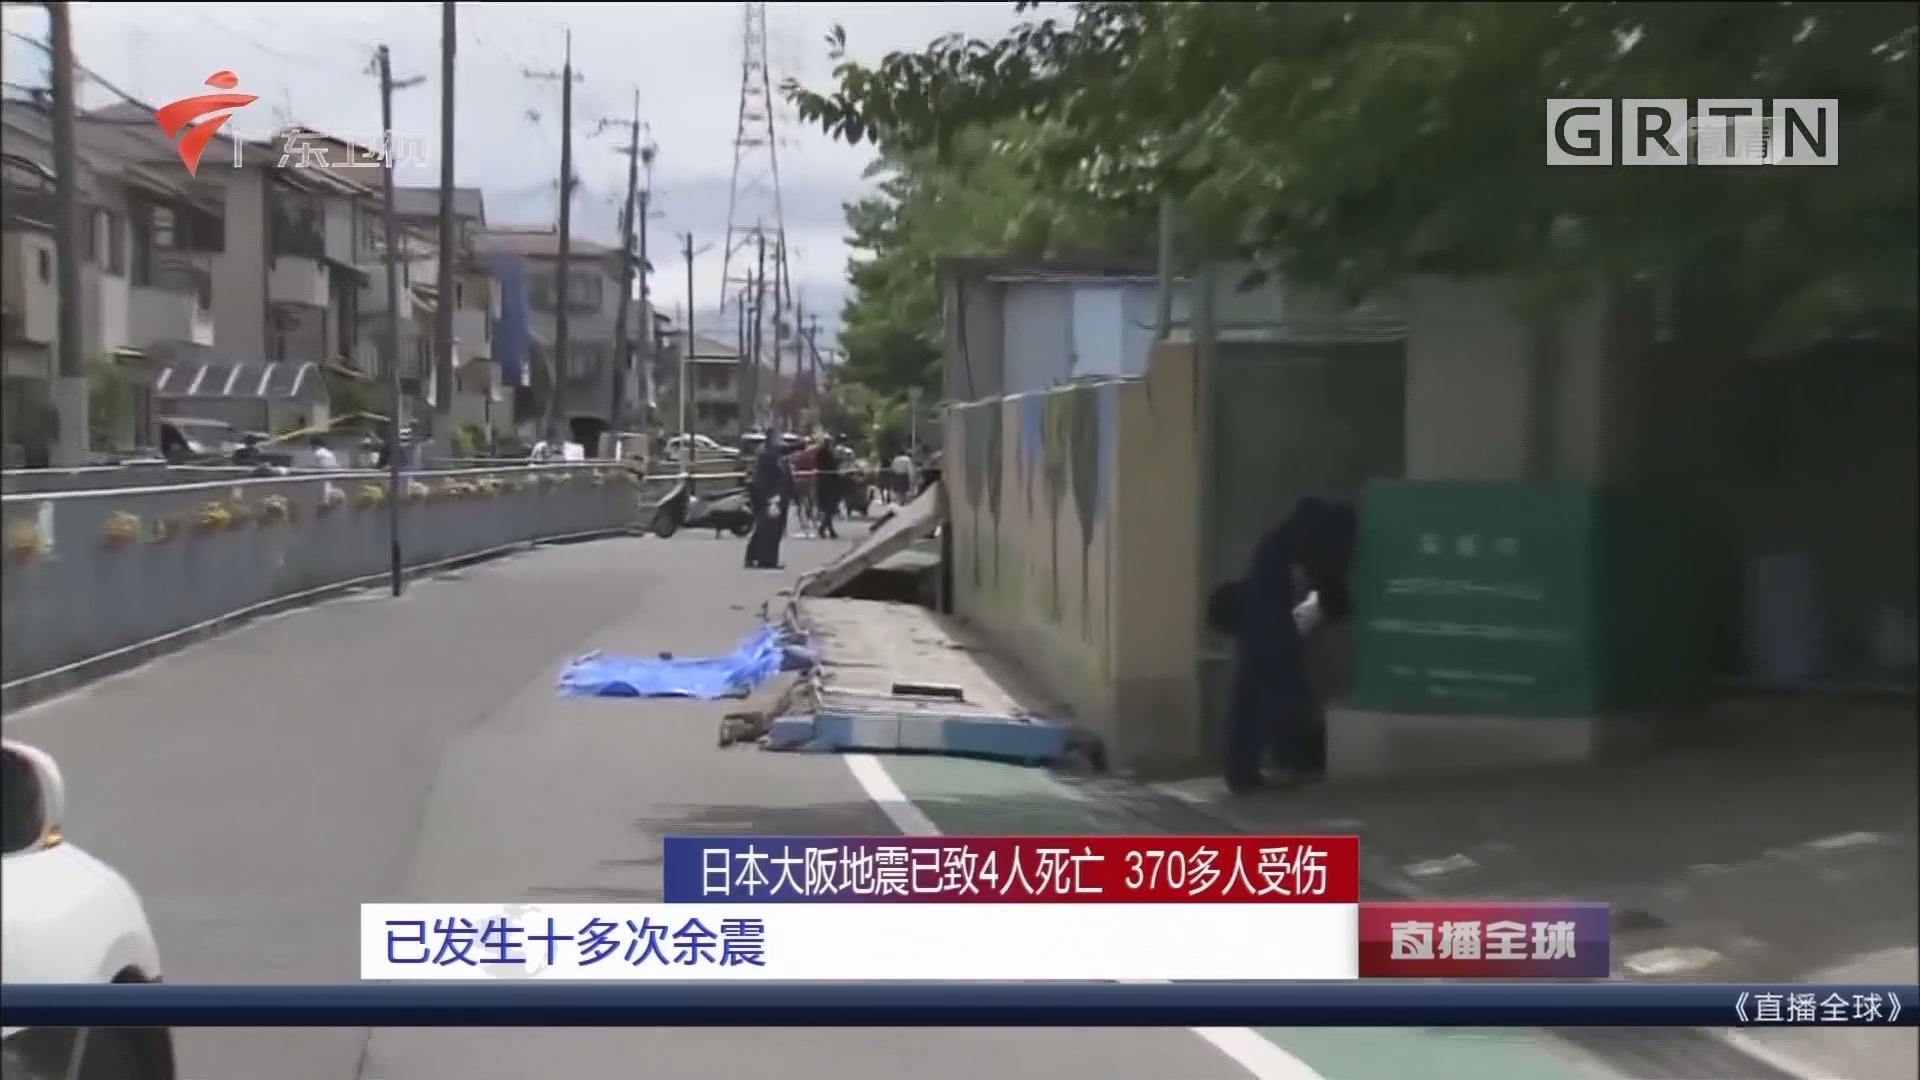 日本大阪地震已致4人死亡 370多人受伤 已发生十多次余震